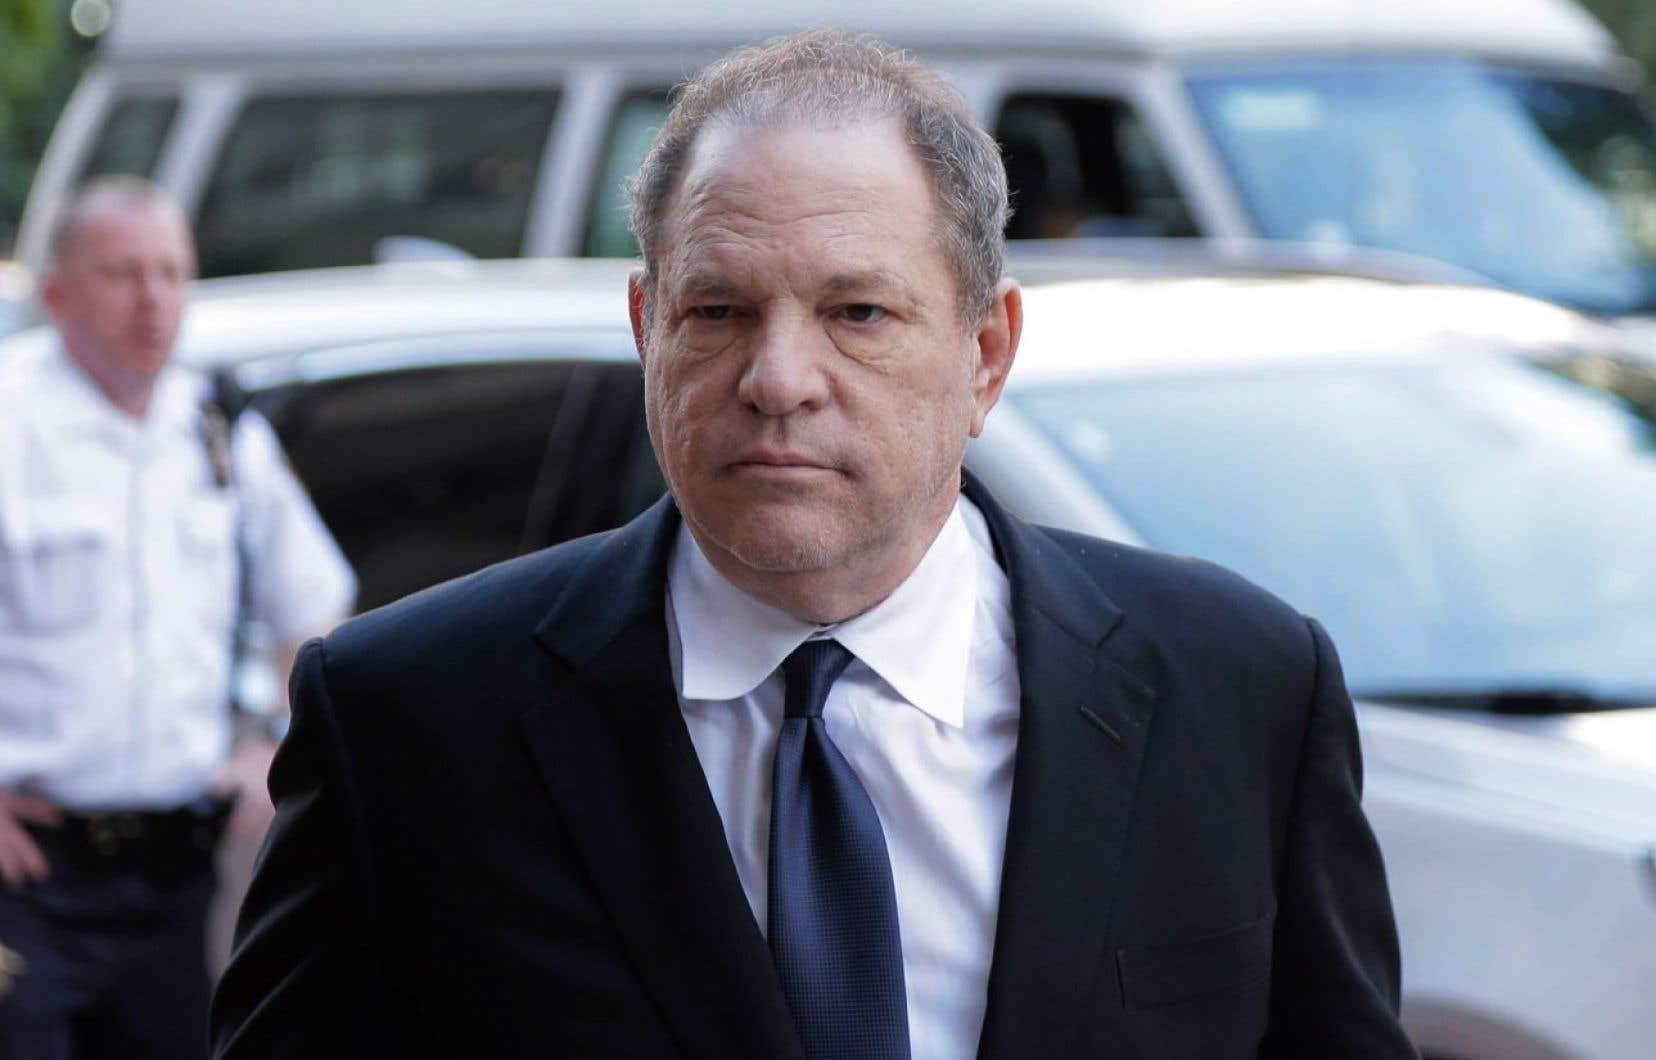 Plus de 75 femmes ont soulevé des allégations de relation sexuelle non consensuellecontre Harvey Weinstein.